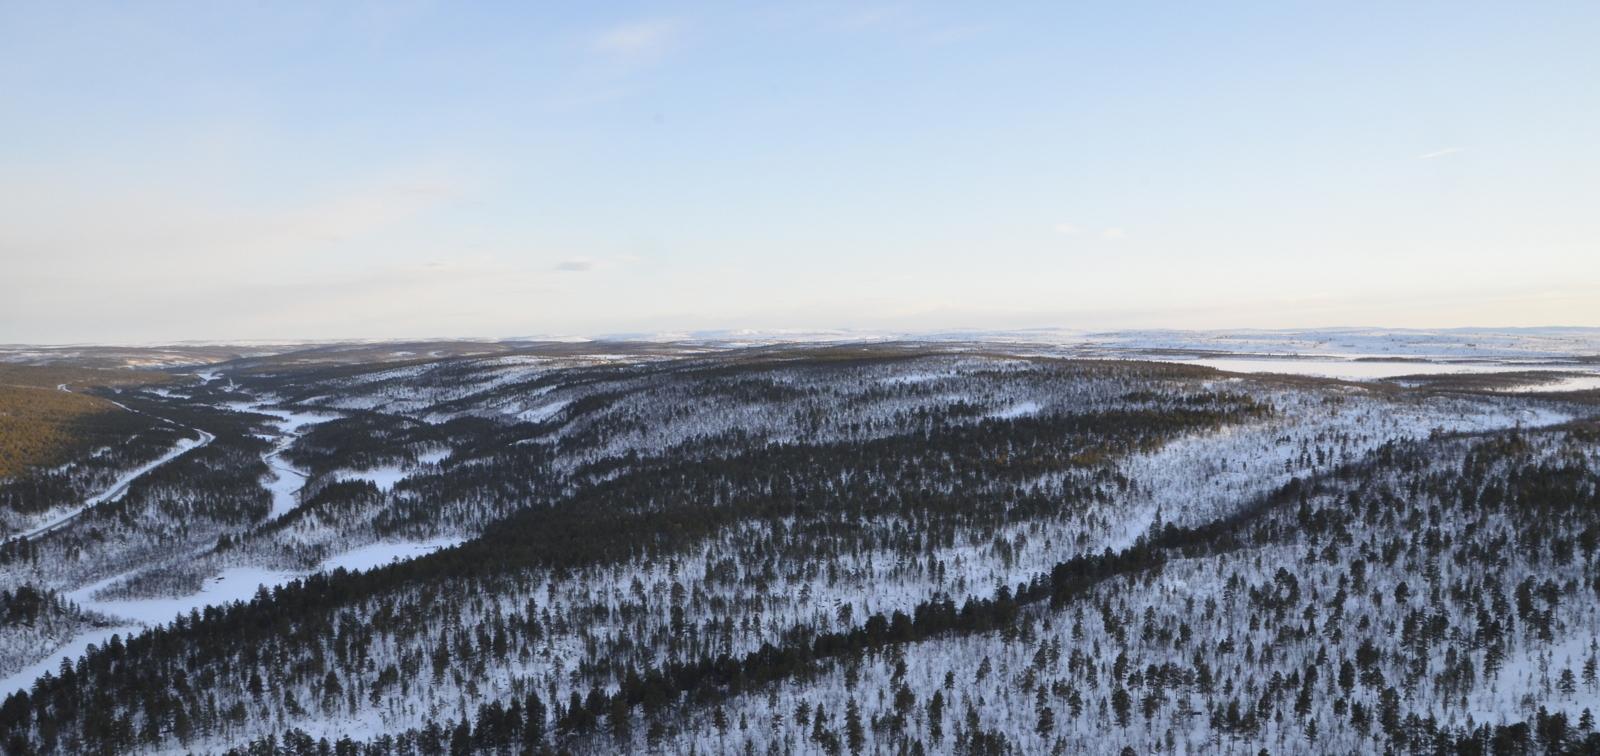 Tässä kuvassa näkyy hyvin, miten Kevon ylängöllä on järvet ylhäällä. Oikealla oleva Stuorra Balddotjärvi on yli 100 metriä korkeammalla, kuin vasemmalla kanjonissa olevat järvet.